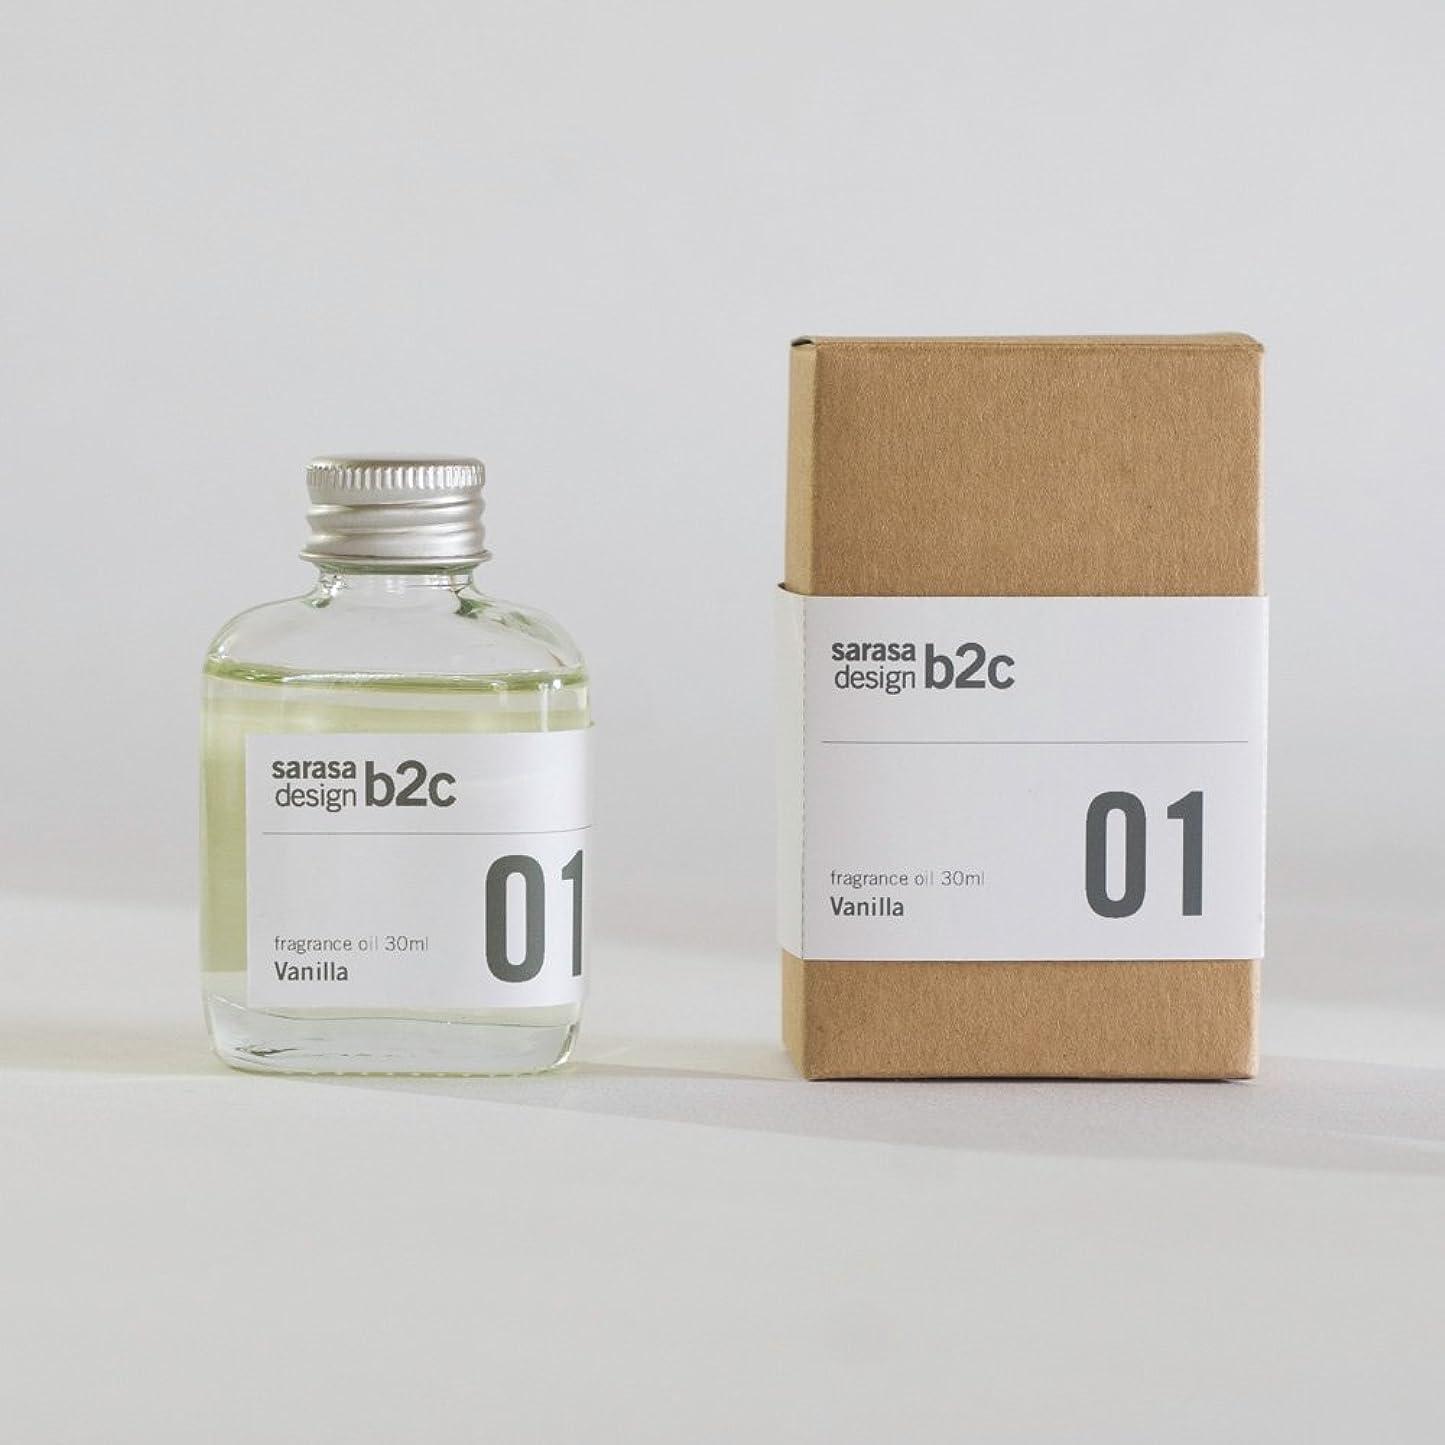 注意十年ハシーar035sb/b2c エッセンシャルオイル30ml《スプリングブリーズ》| 芳香剤 ルームエッセンシャル リードディフューザー アロマ ディフューザー